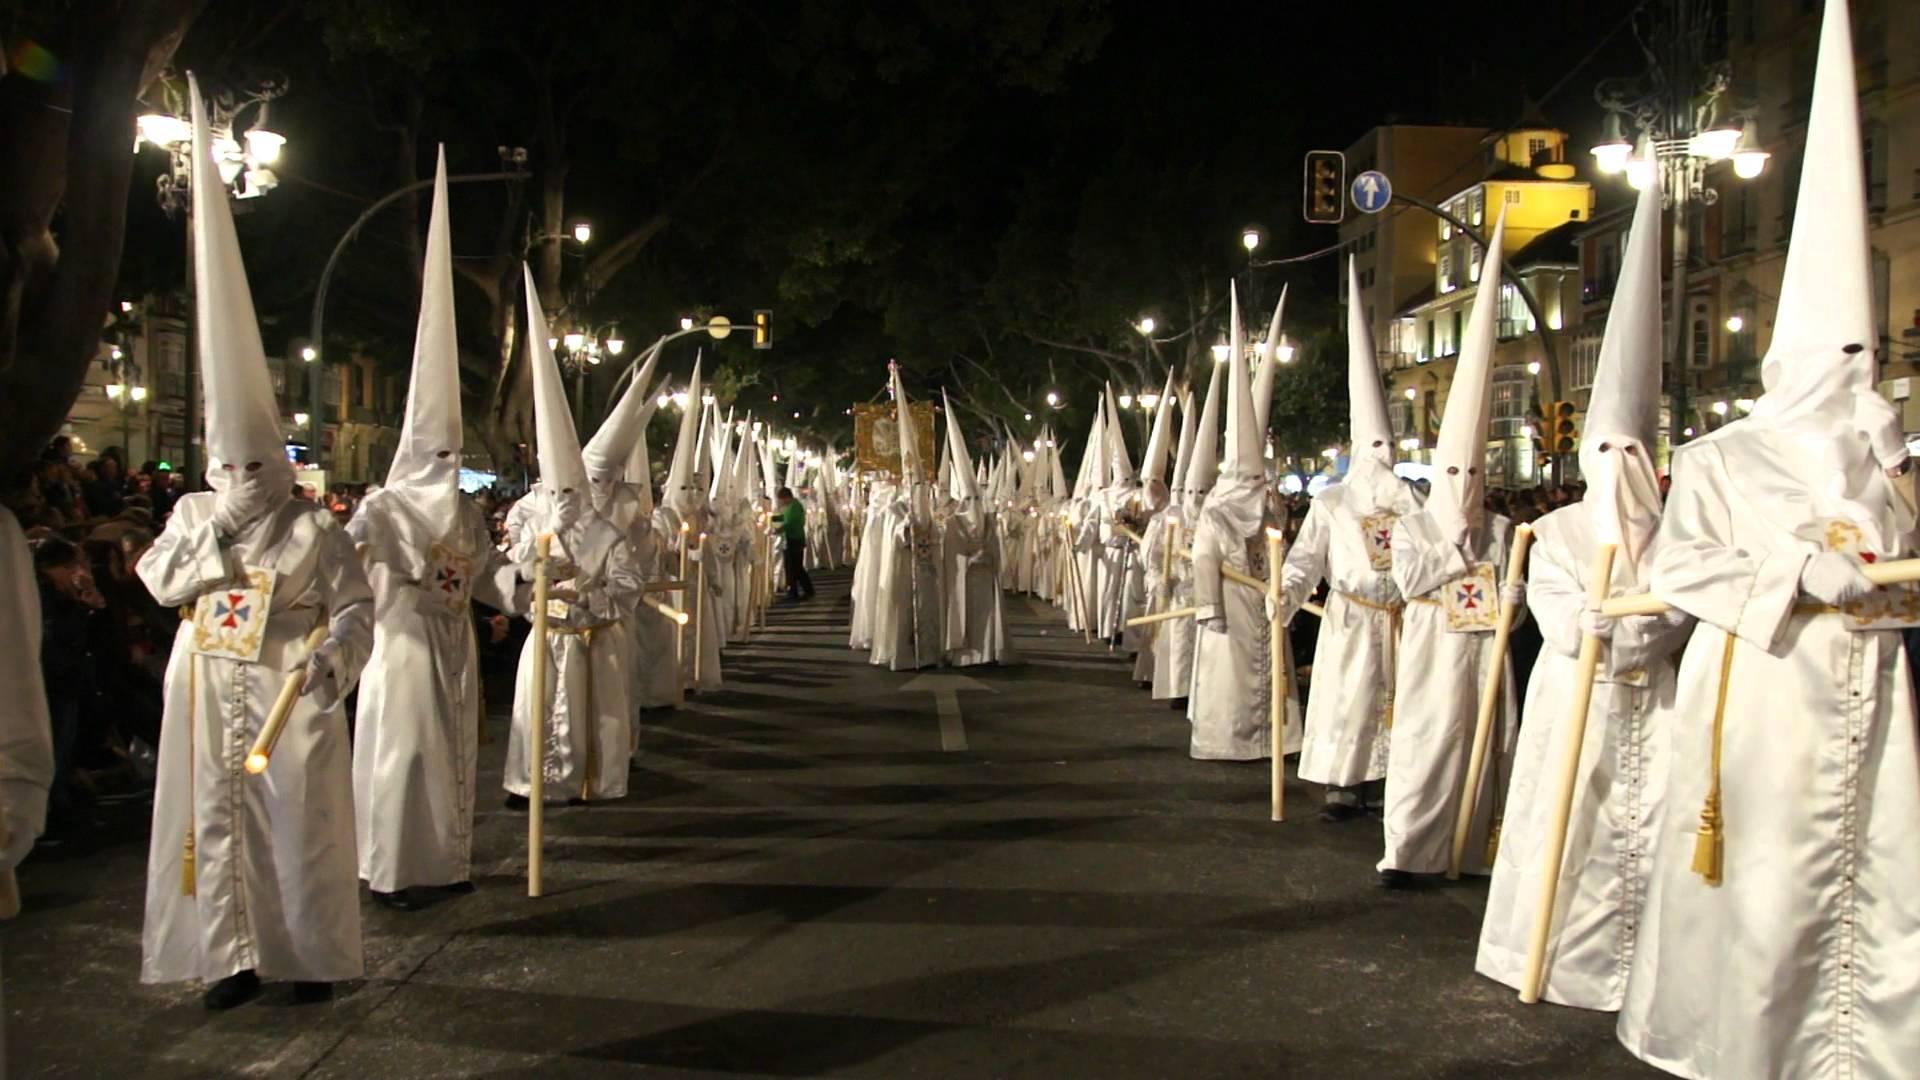 mężczyźni w białych szatach i kapturach zakrywających cała głowę z wyjątkeim oczu